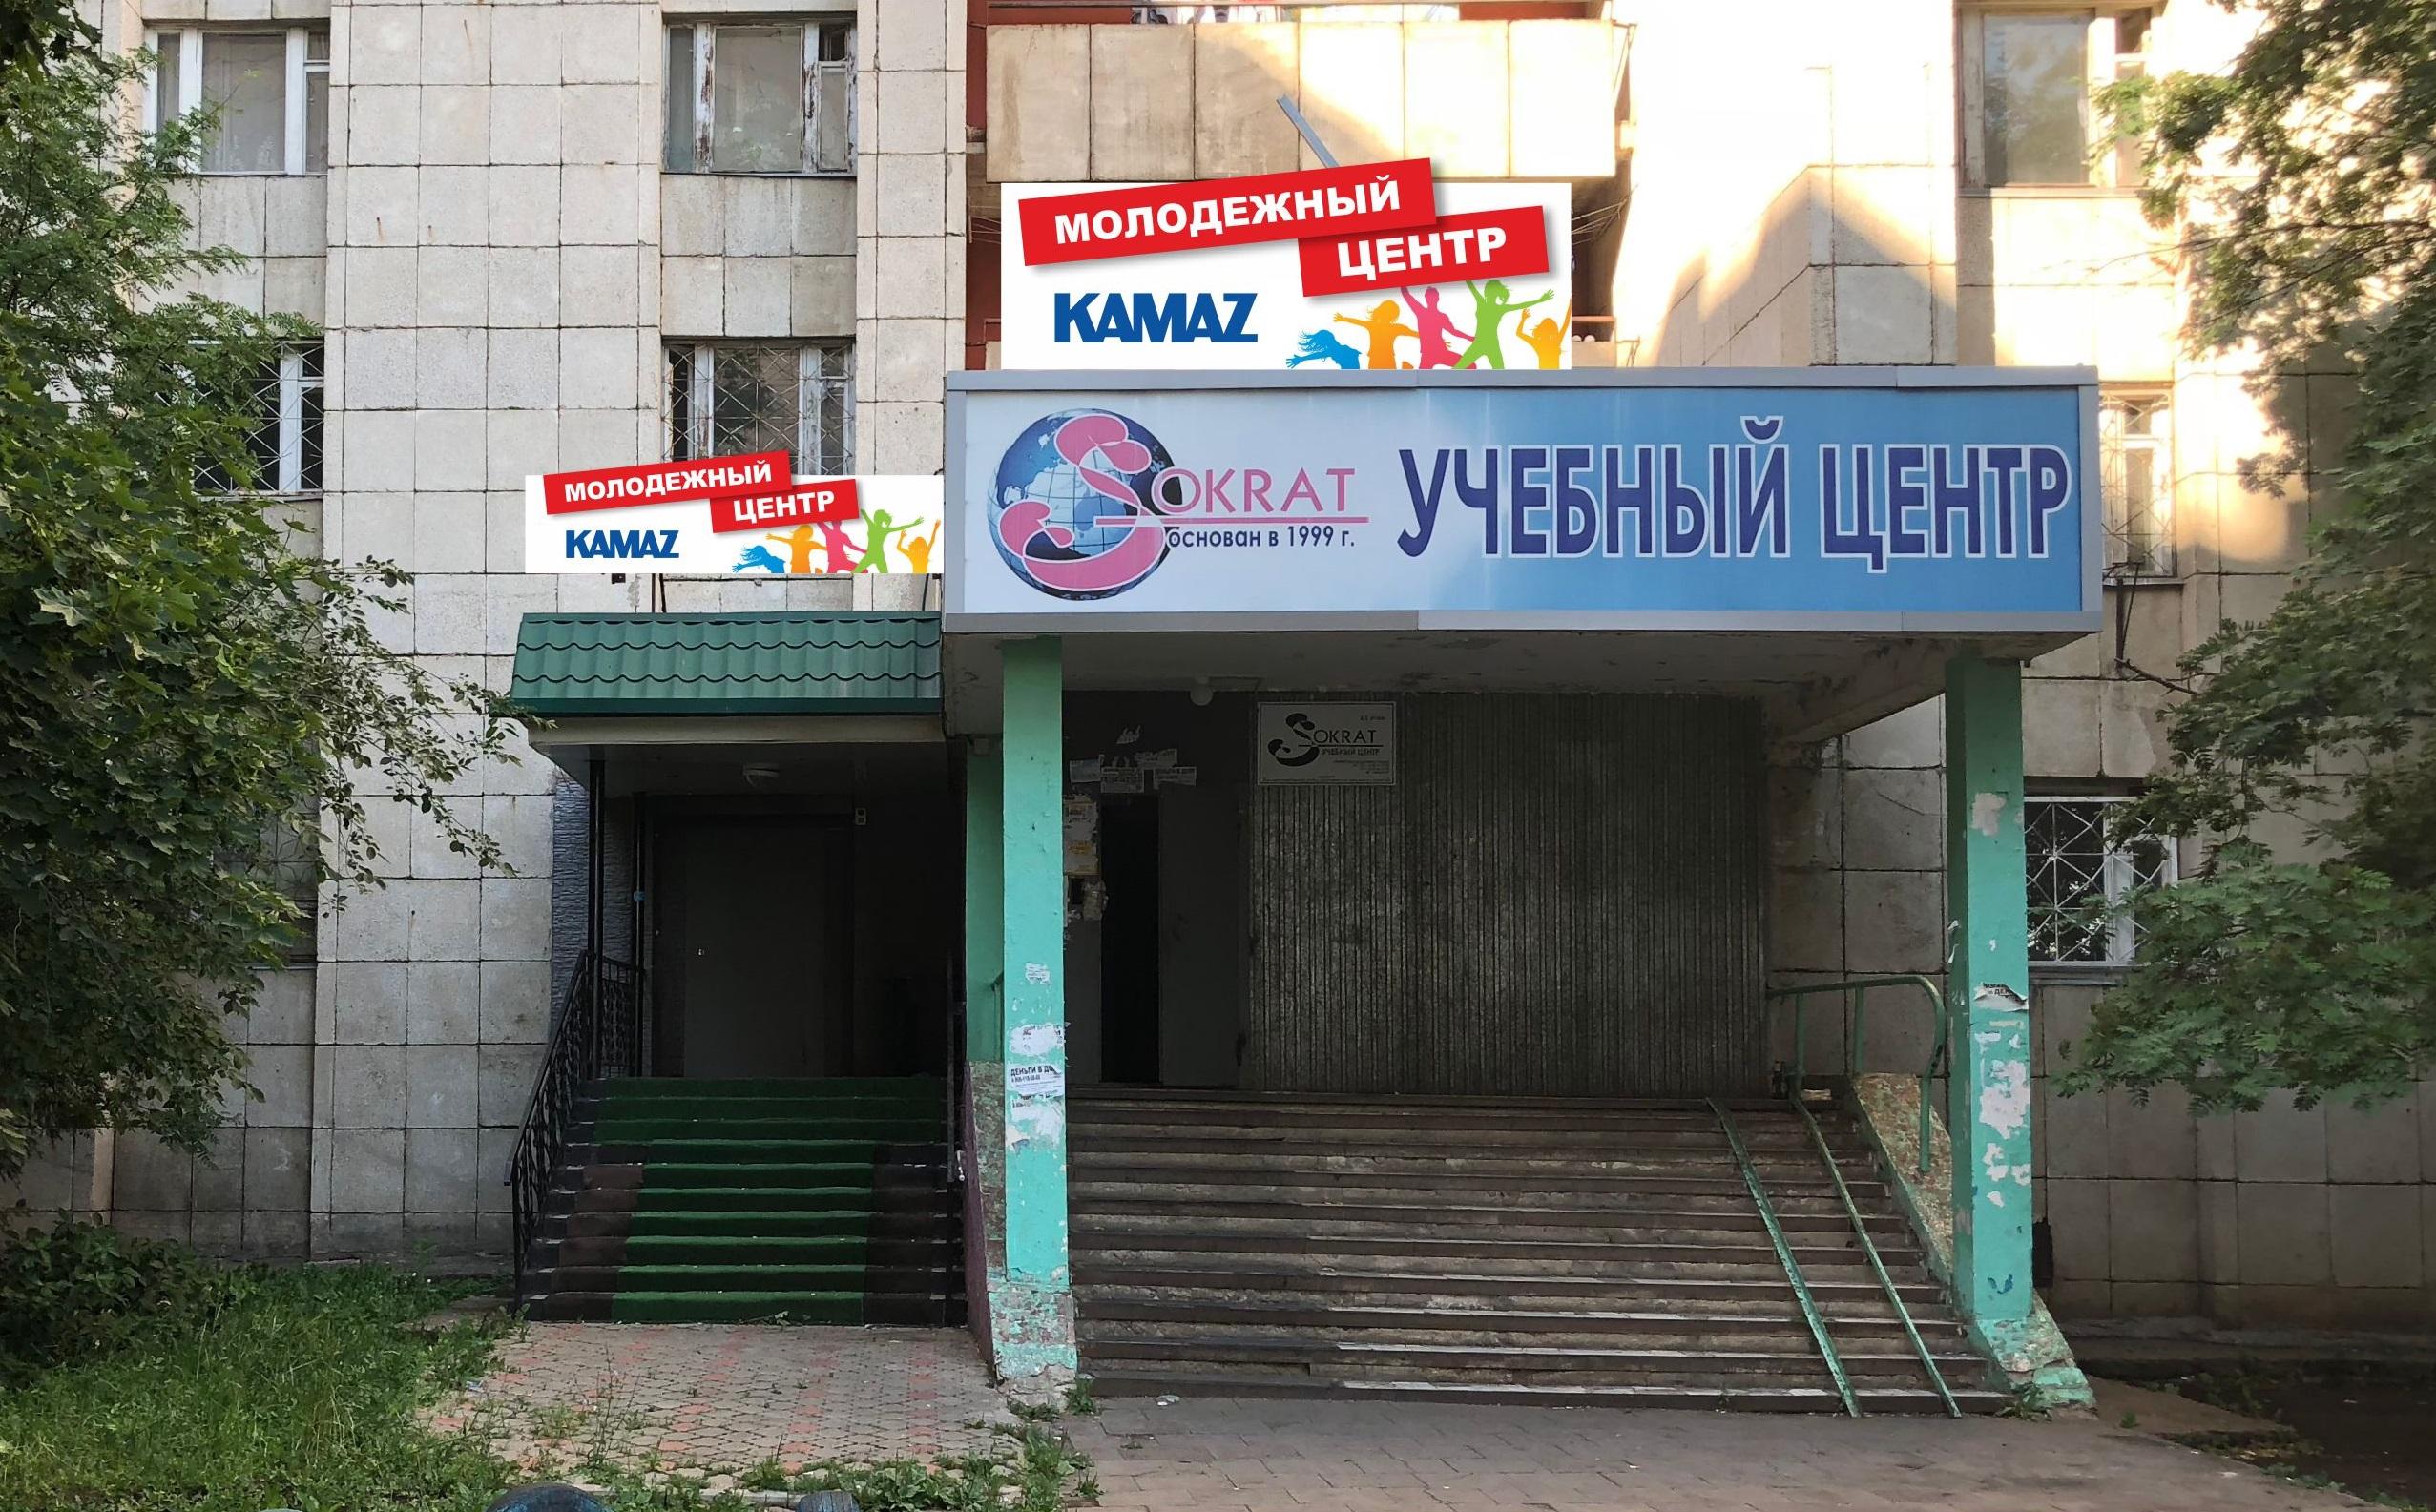 У «КАМАЗа» будет свой молодёжный центр